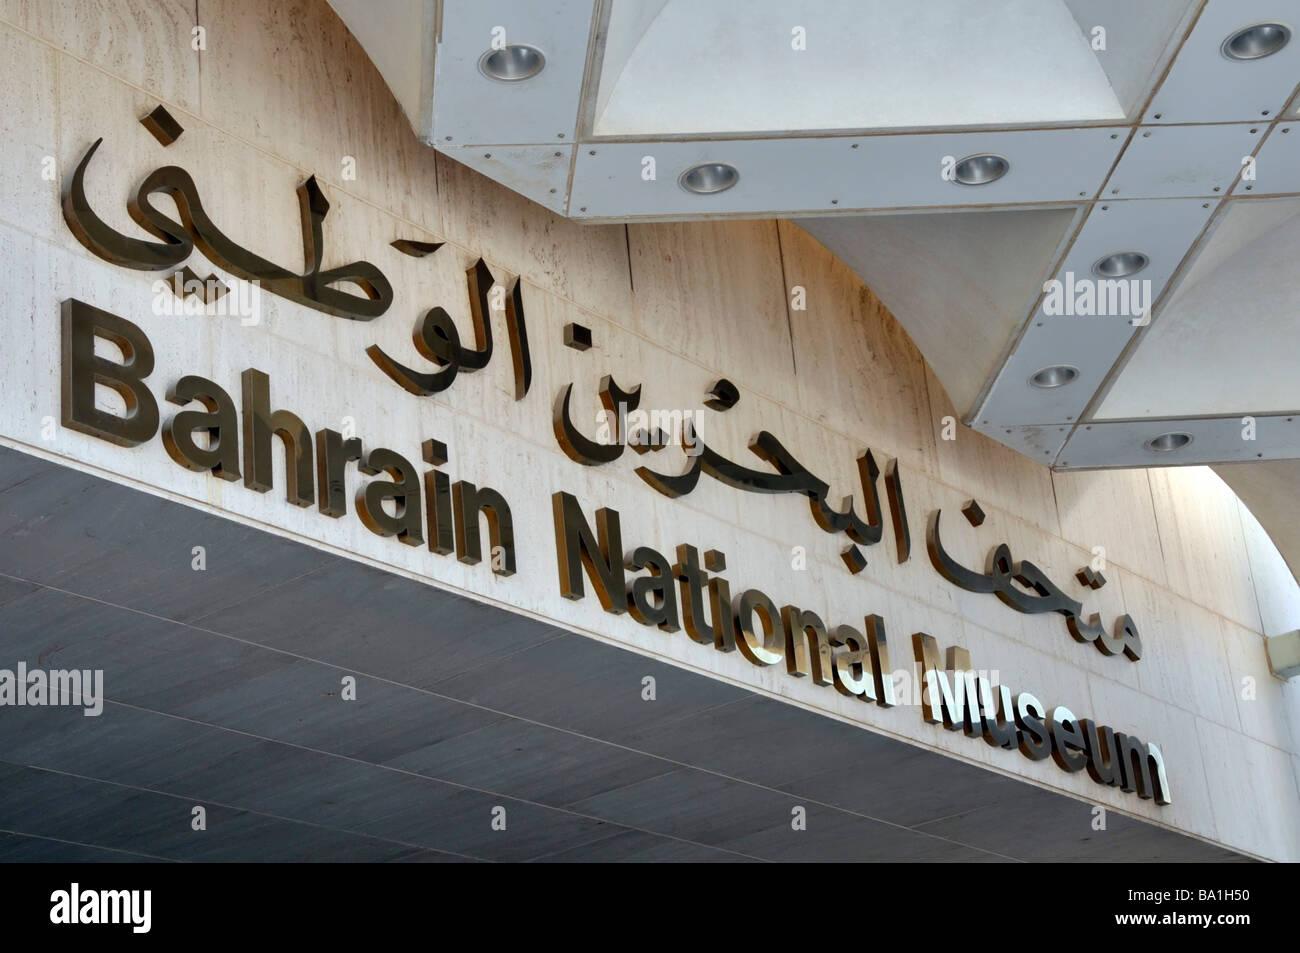 Bahreïn affiche bilingue au-dessus de entrée de Bahrain National Museum Photo Stock